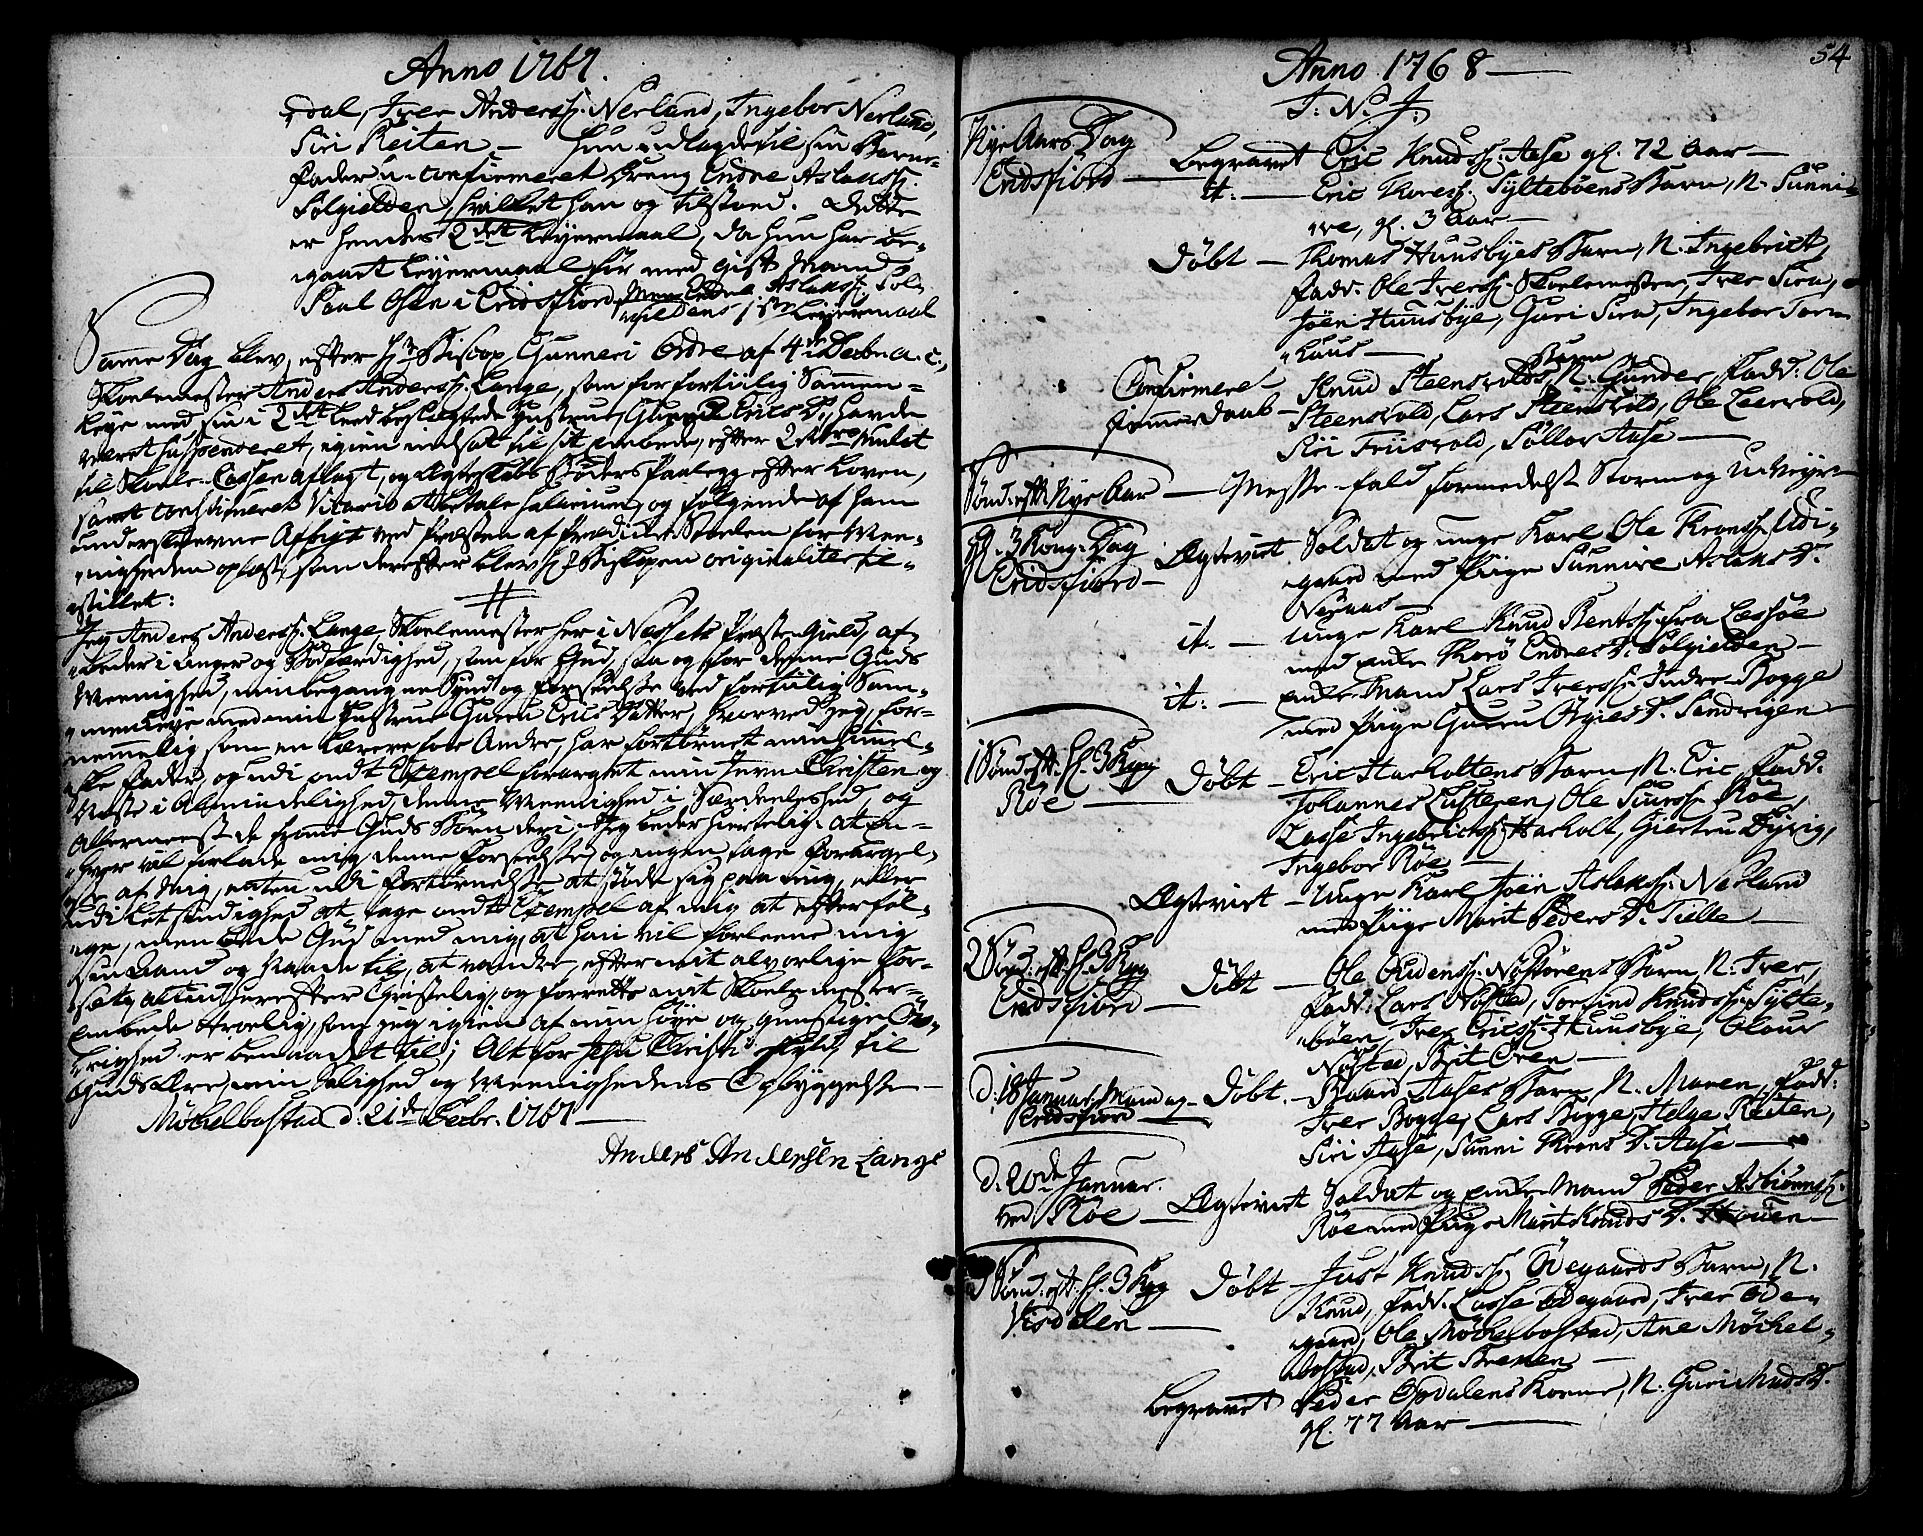 SAT, Ministerialprotokoller, klokkerbøker og fødselsregistre - Møre og Romsdal, 551/L0621: Ministerialbok nr. 551A01, 1757-1803, s. 54